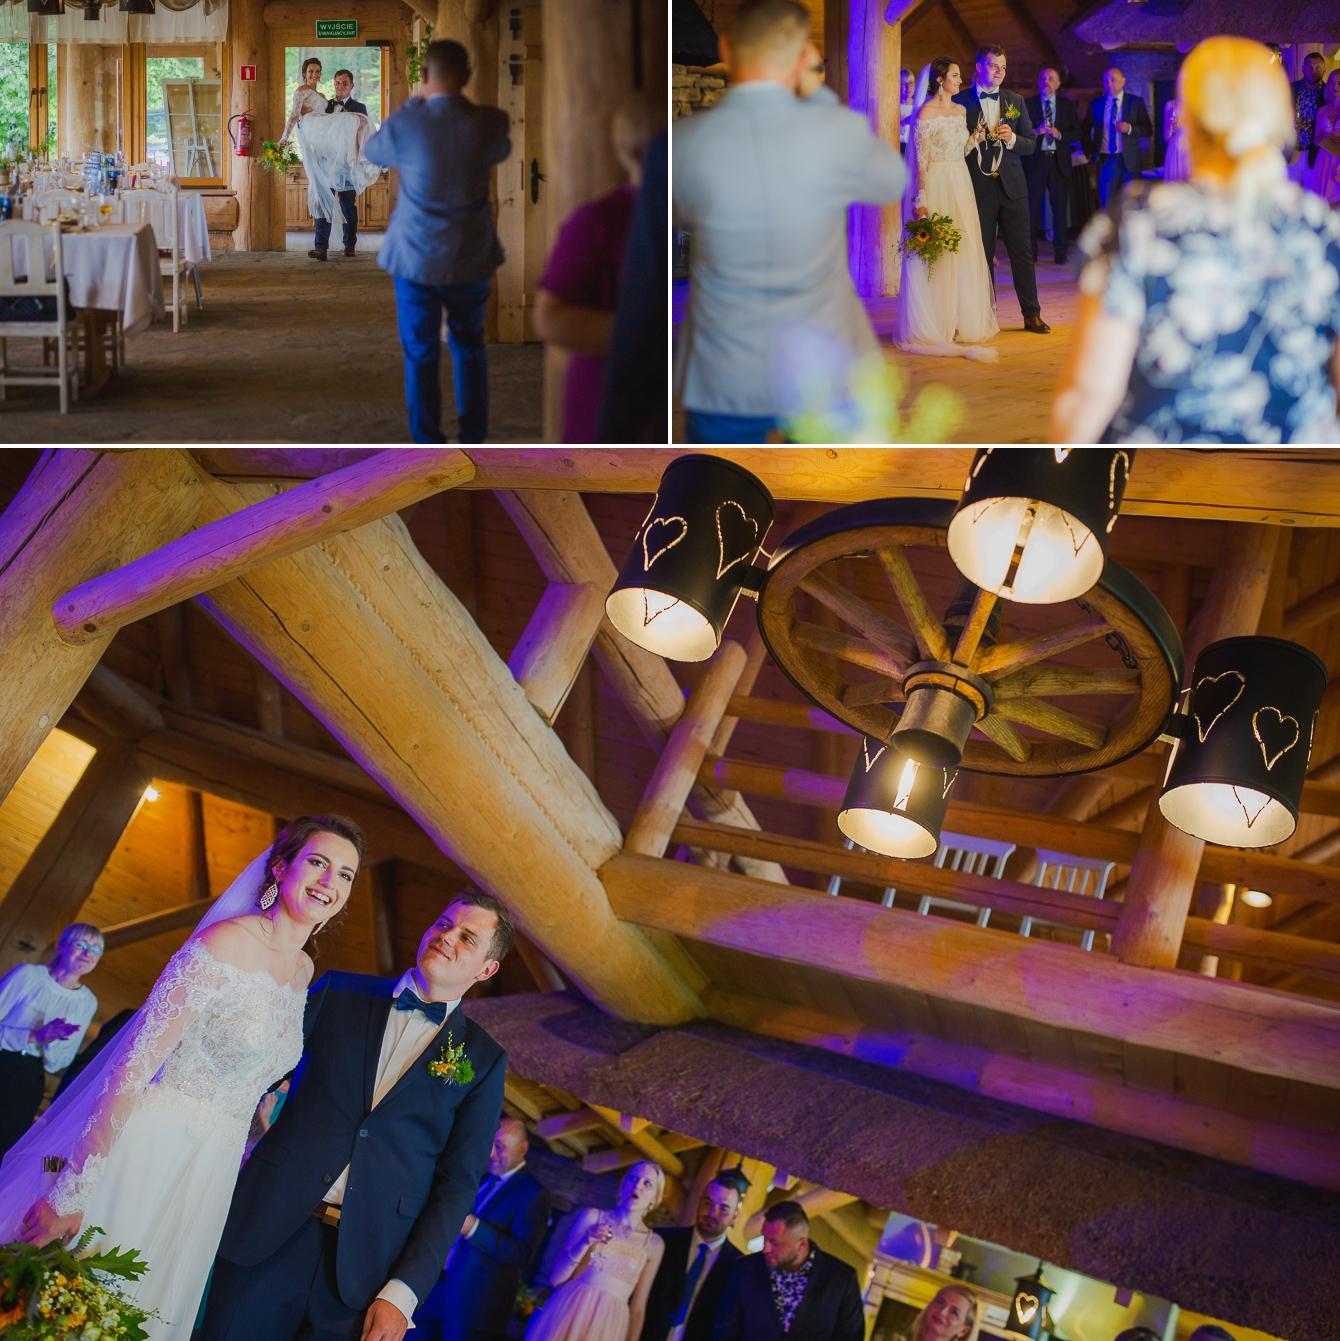 Ania i Damian - ślub w górach - Kocierz SPA - fotografia ślubna - bartek Wyrobek  (15).jpg